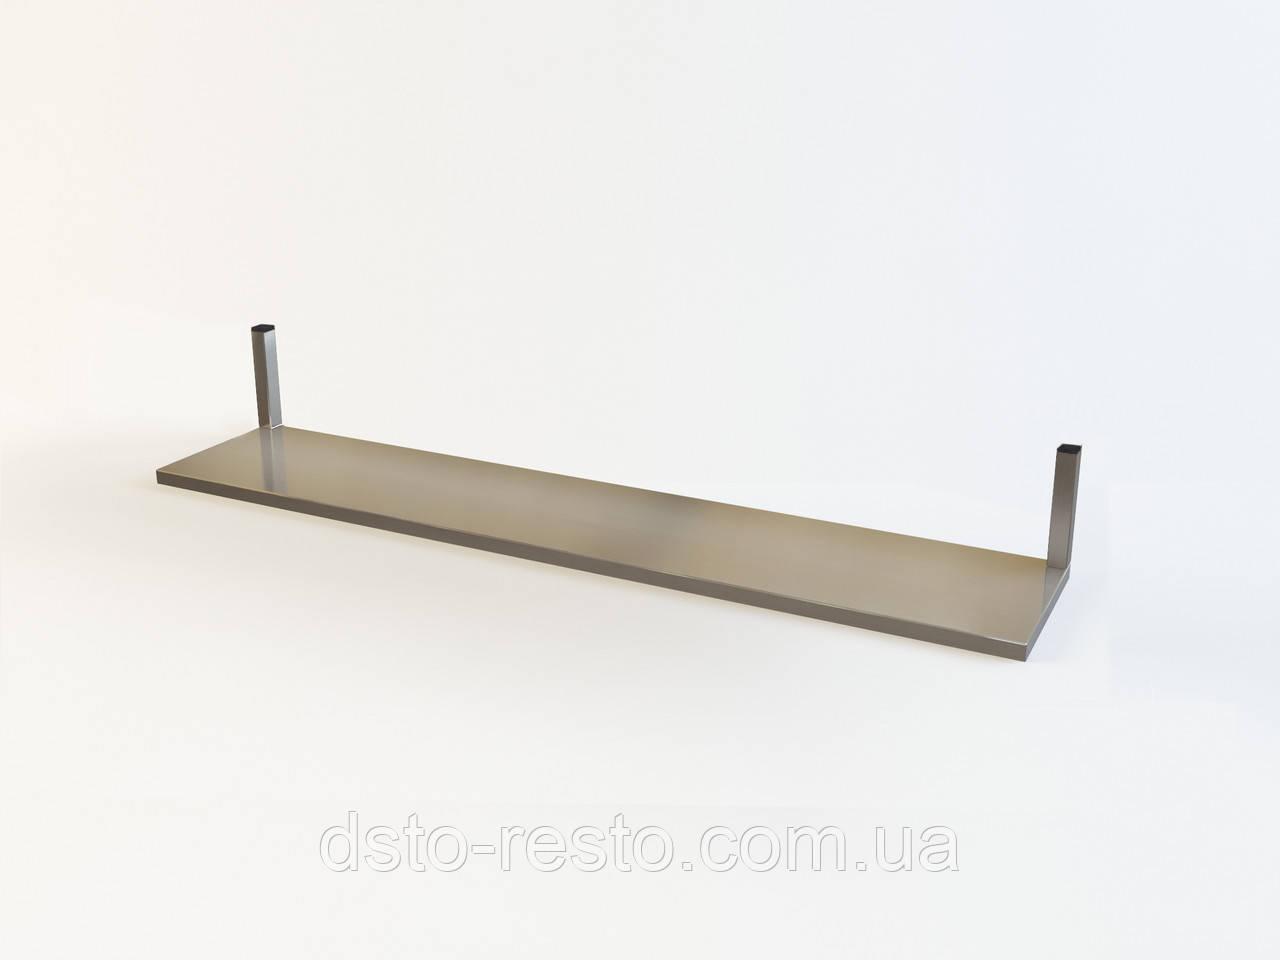 Полка навесная из нержавеющей стали 1-но уровневая 1200/300/300 мм